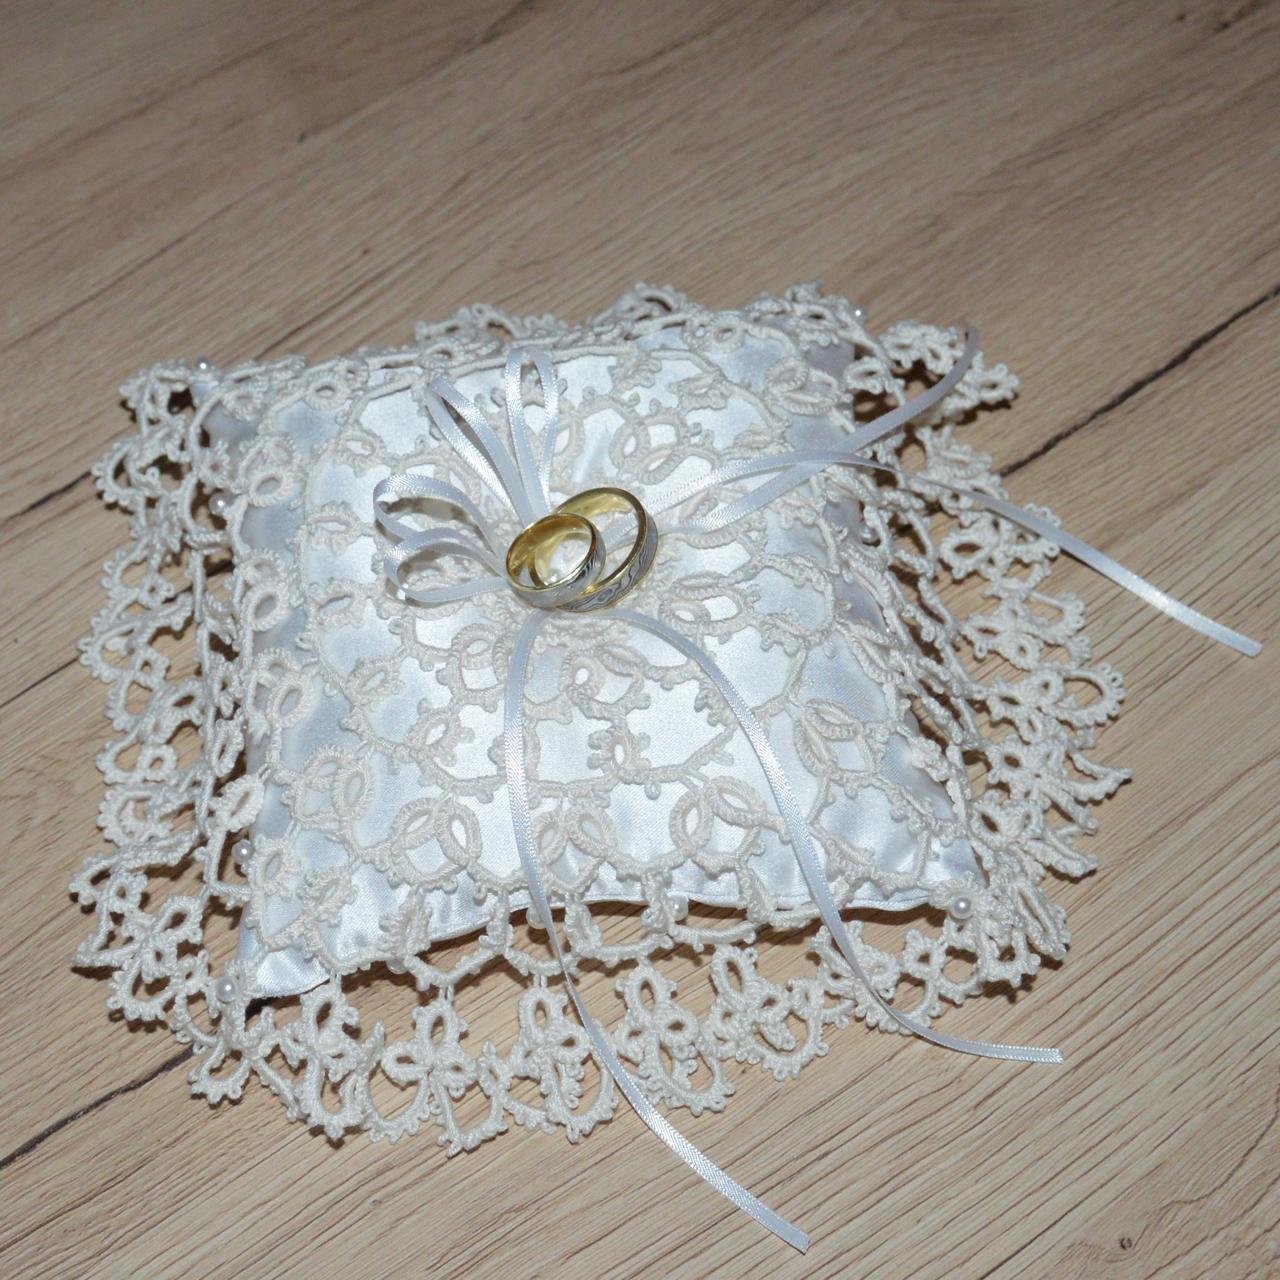 Svadba netradične - ručne robená čipka smotanovej farby na bielom vankúšiku